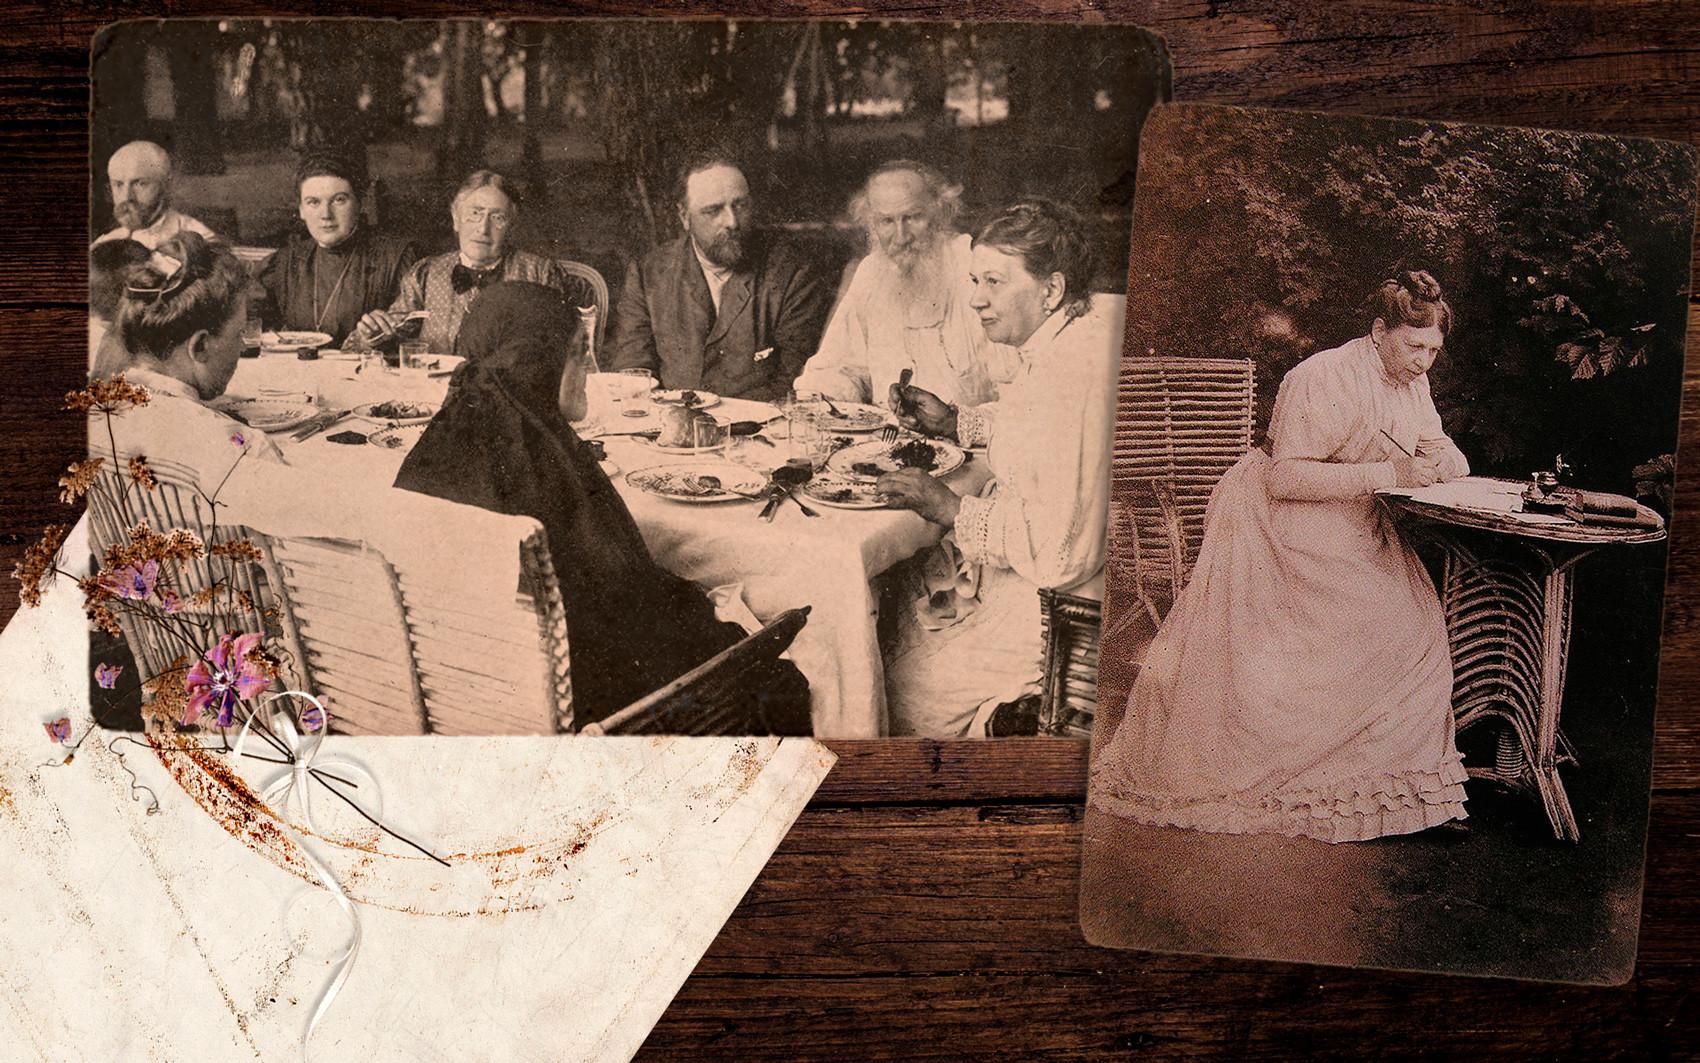 Породица Толстој на окупу у Јасној Пољани; Софија Андрејевна Толстој, жена Лава Толстоја